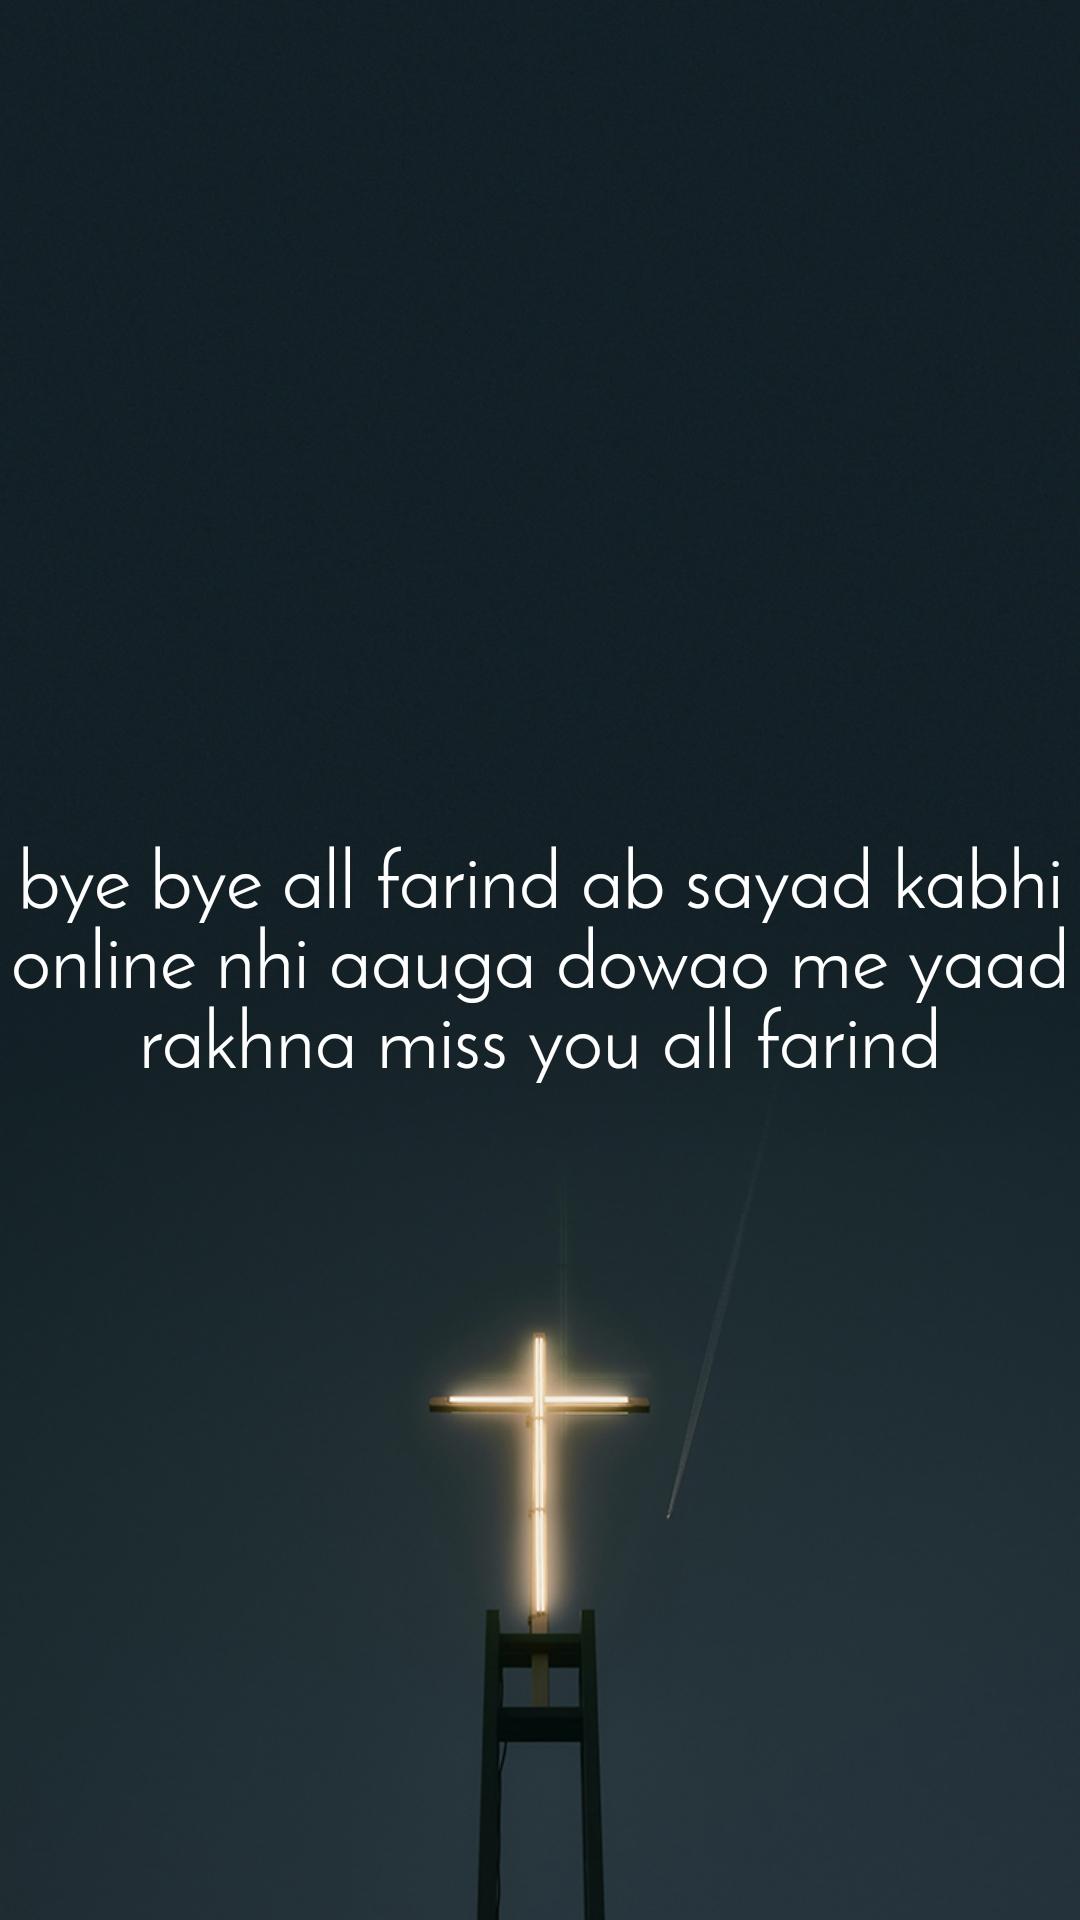 bye bye all farind ab sayad kabhi online nhi aauga dowao me yaad rakhna miss you all farind